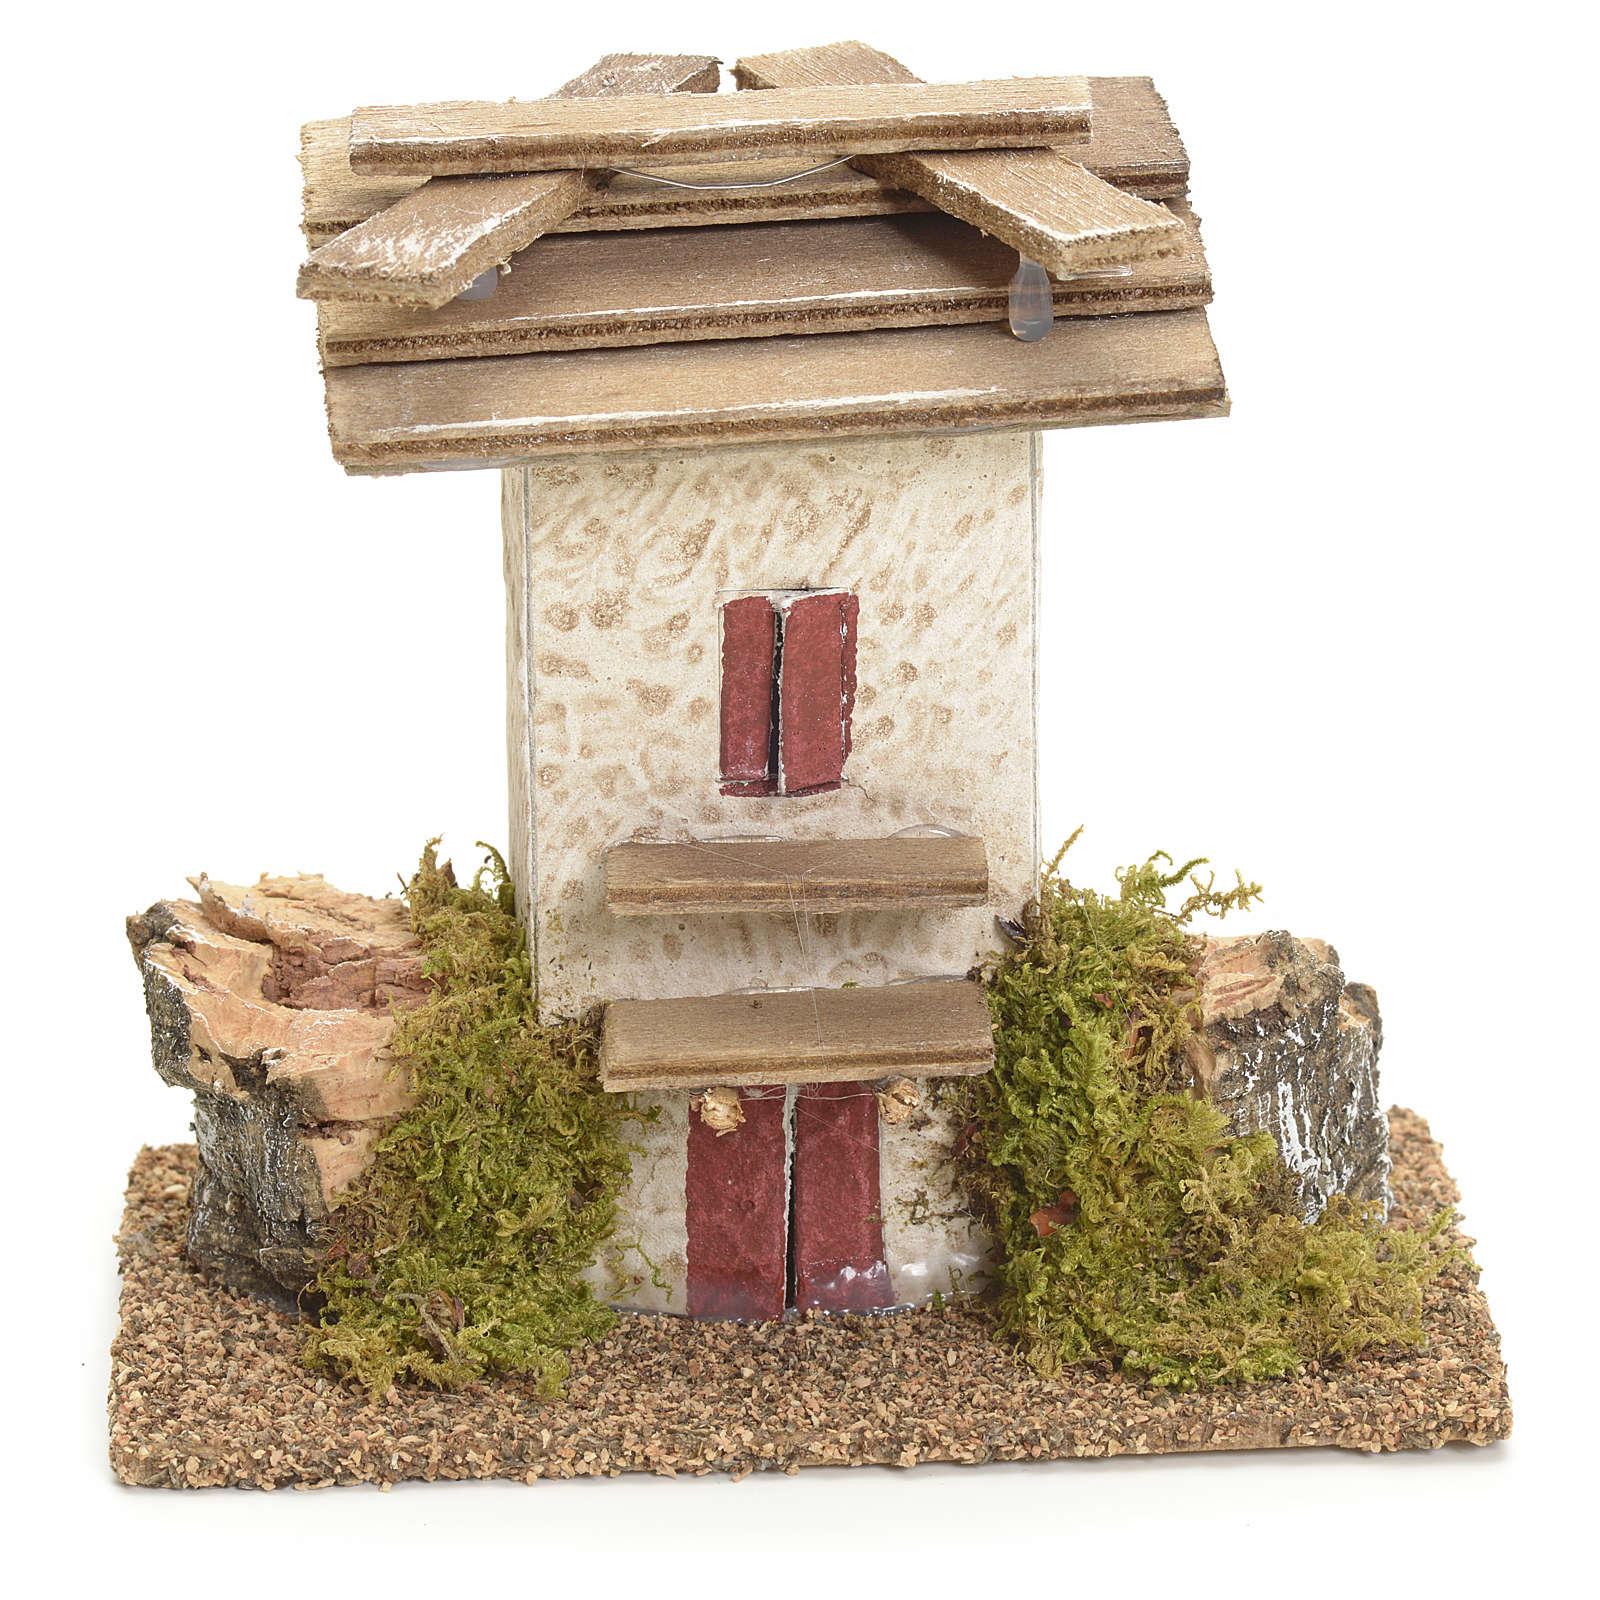 Casa rústica con techo de madera y musgo 11x11x6 4